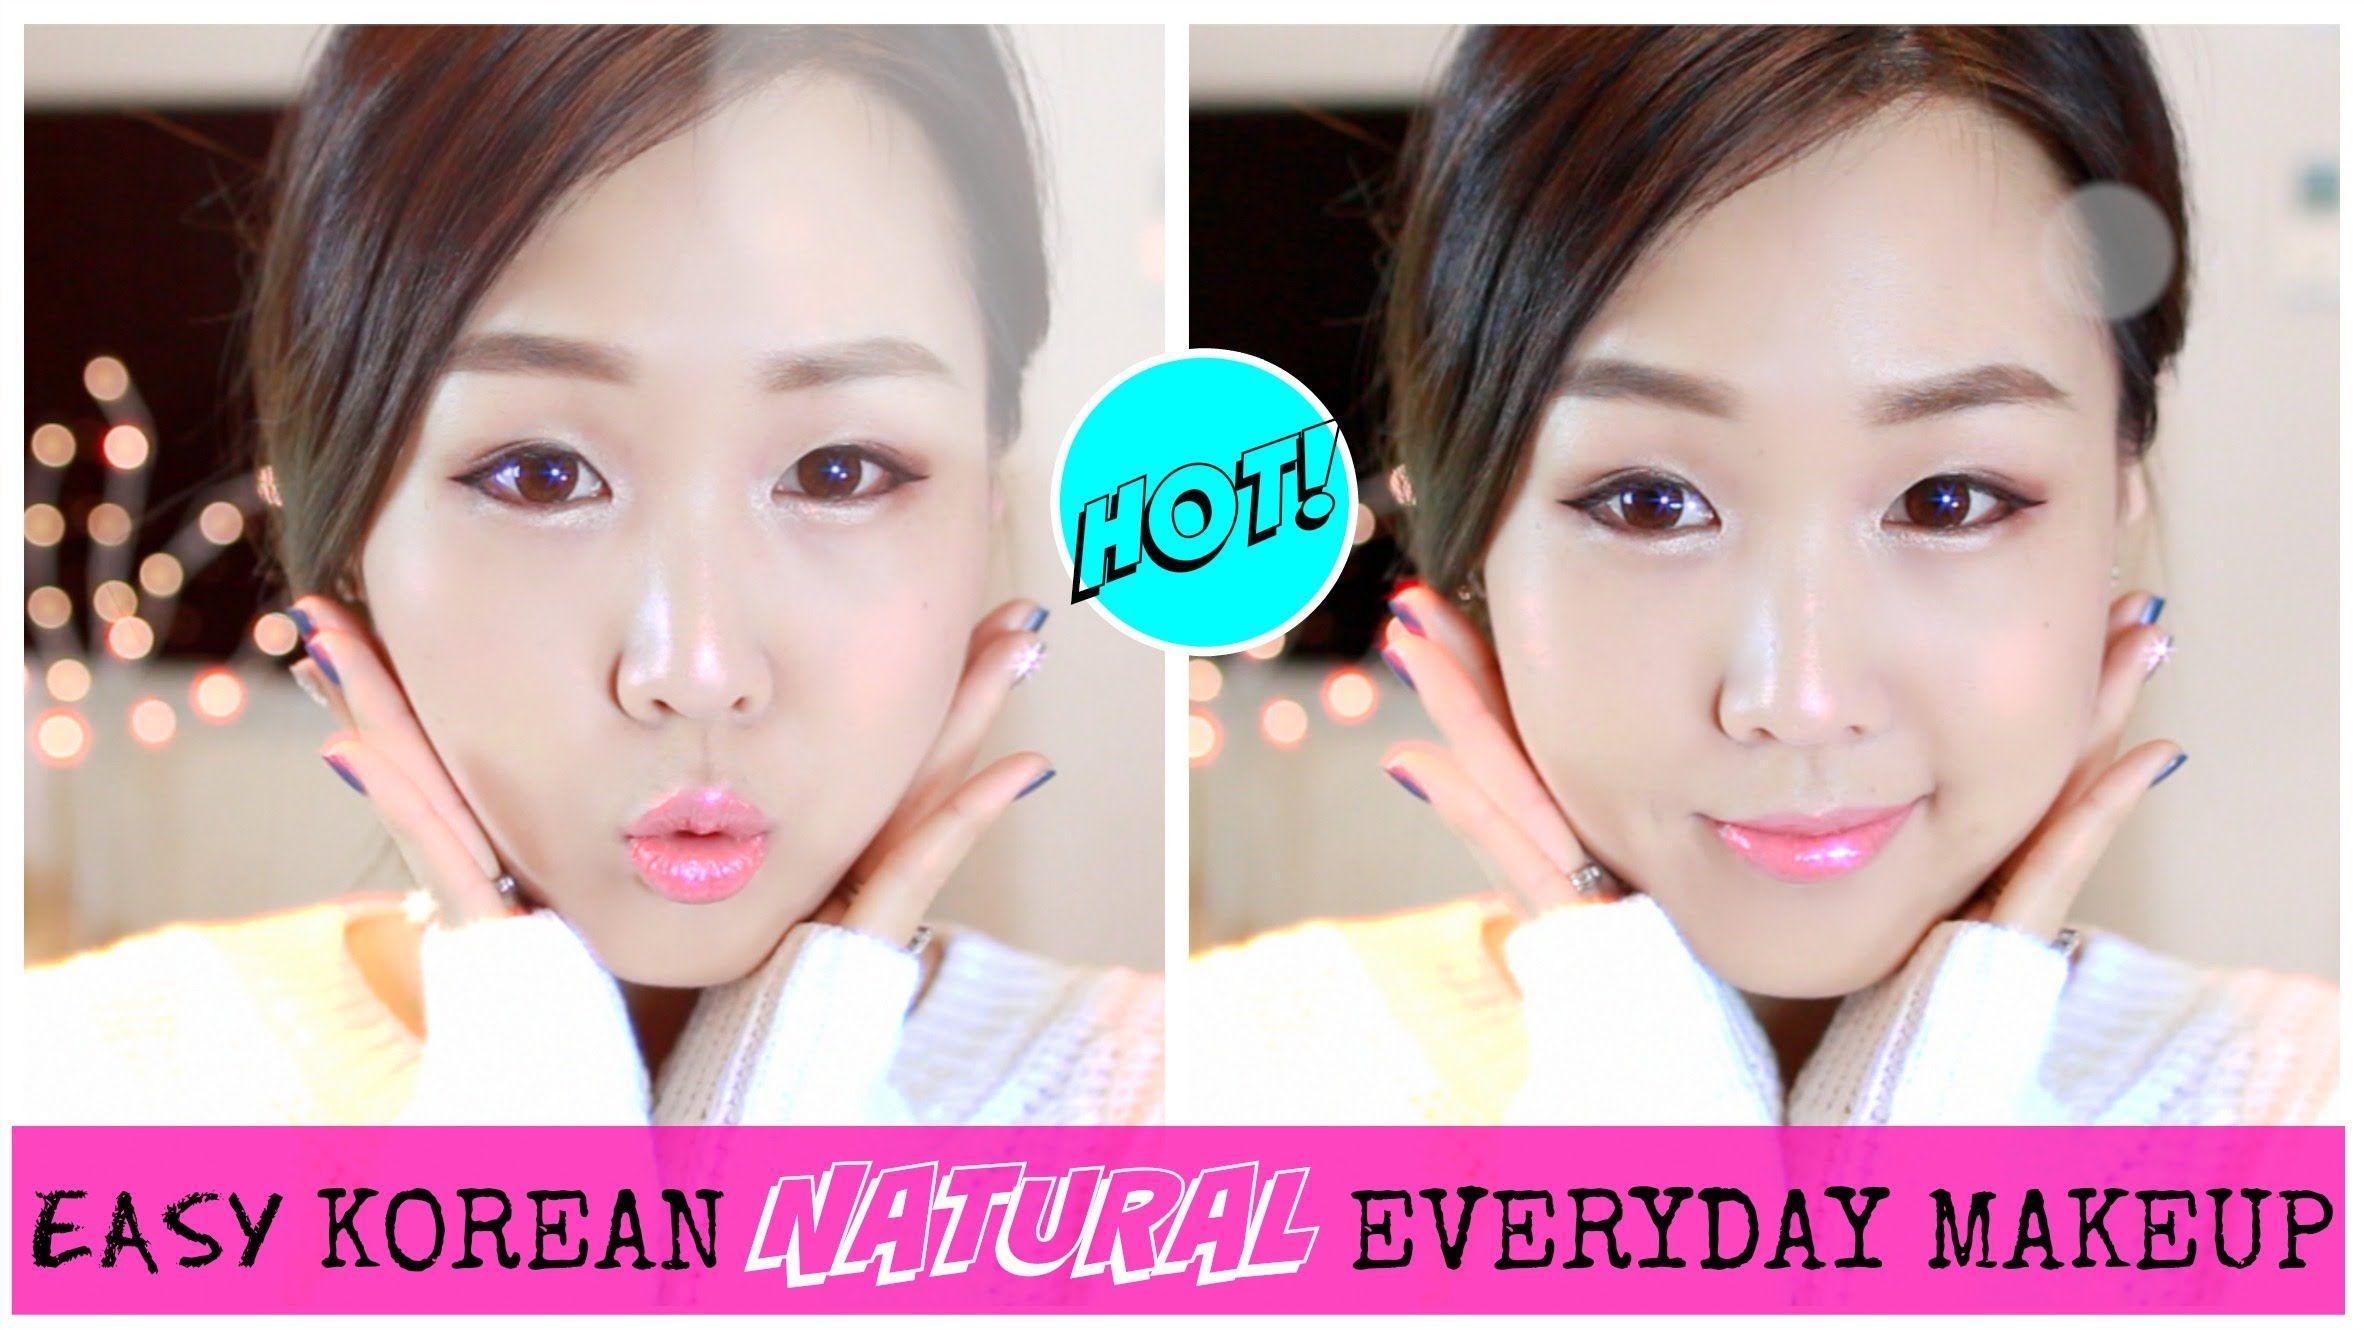 HOT! Easy Korean Natural Everyday Makeup♥ 남자들이 좋아하는 최신 네추럴